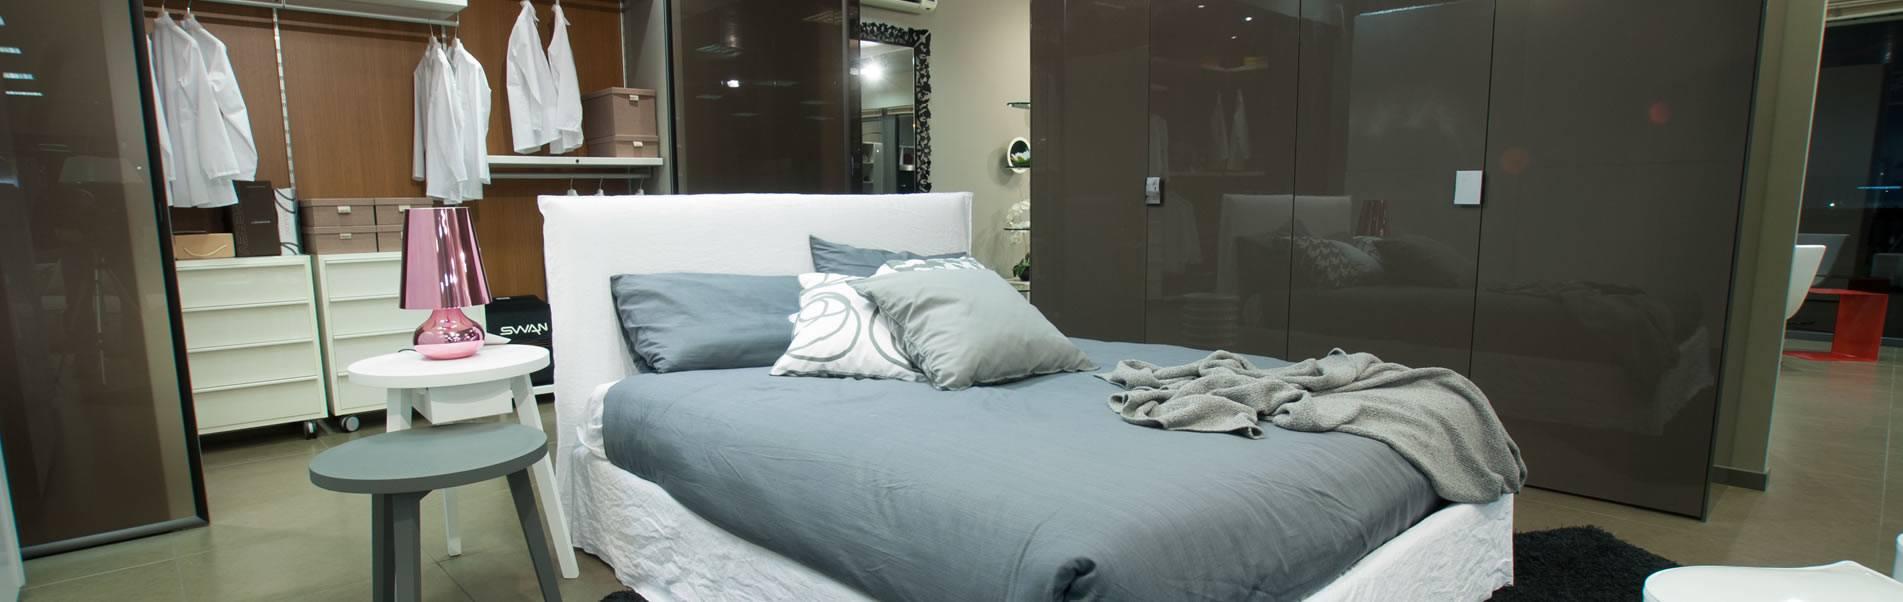 Arredamento Design Prezzi Bassi: Arredamento e interior design - bassi ...